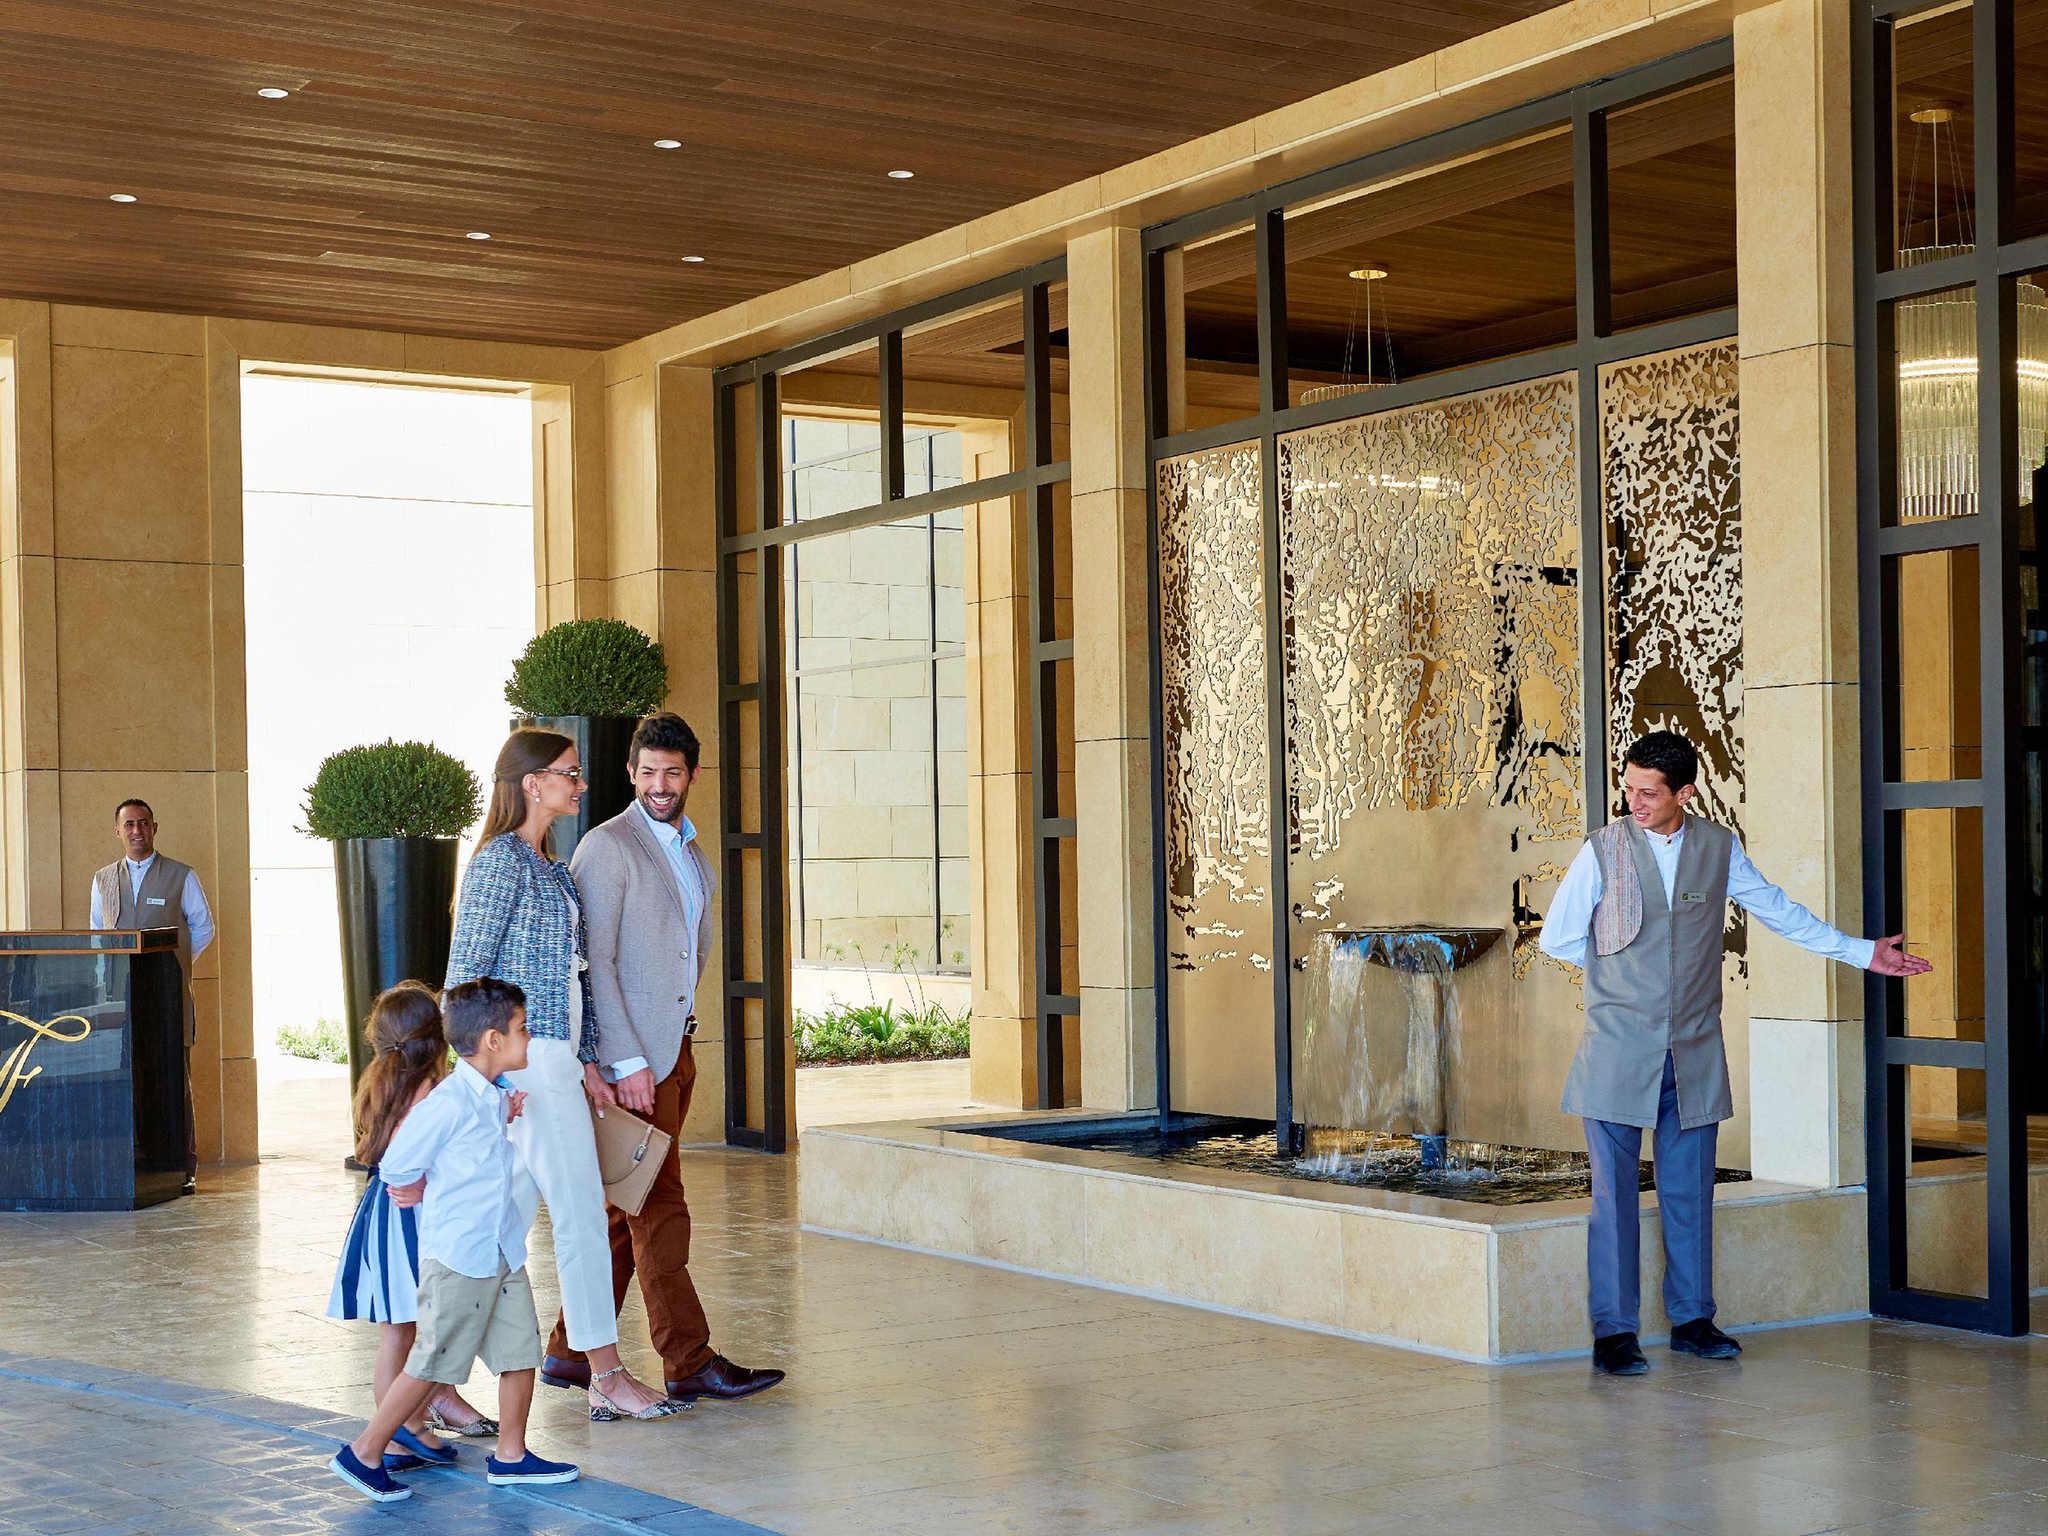 Otel – Fairmont Amman